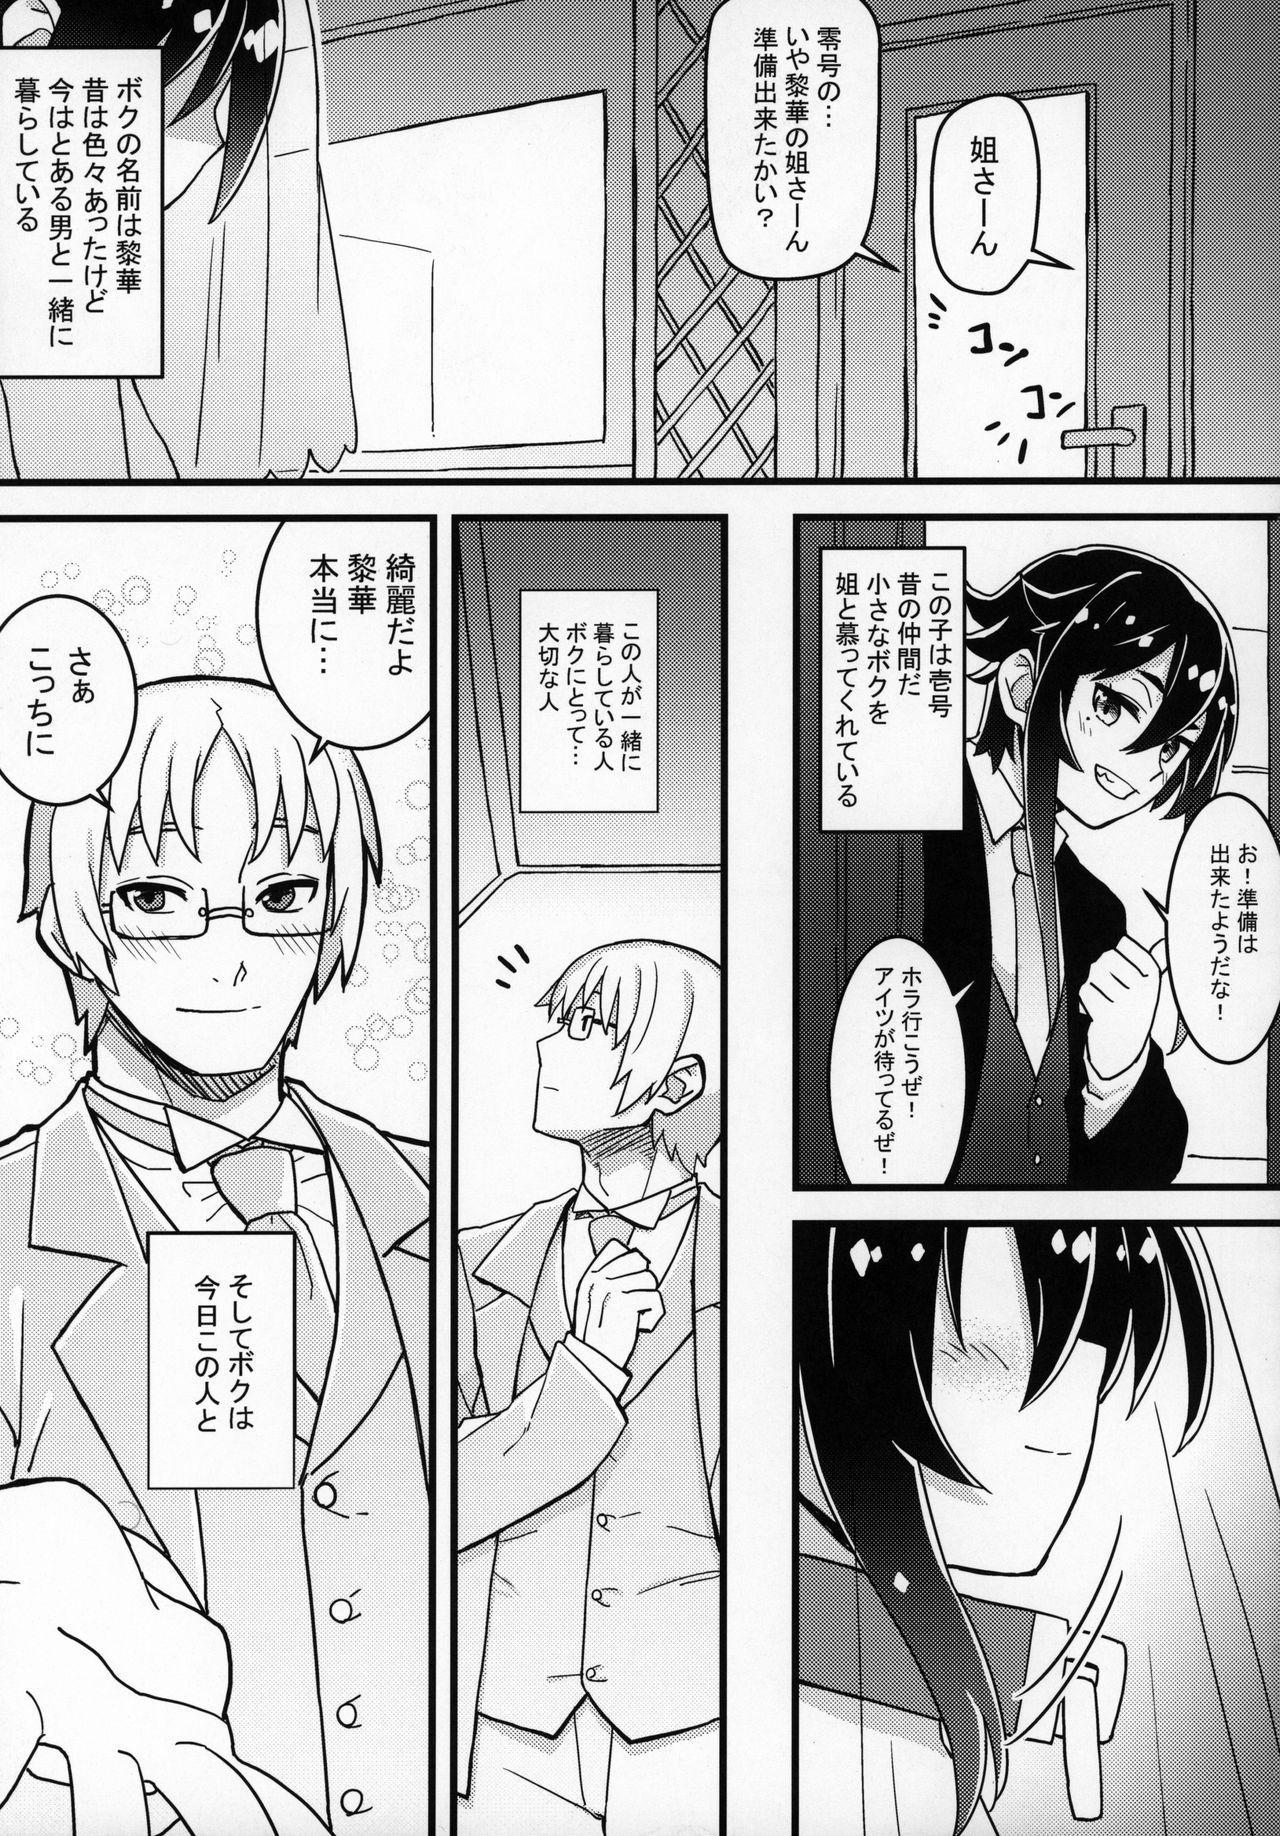 Zutto Reika-san to Issho!!! 59